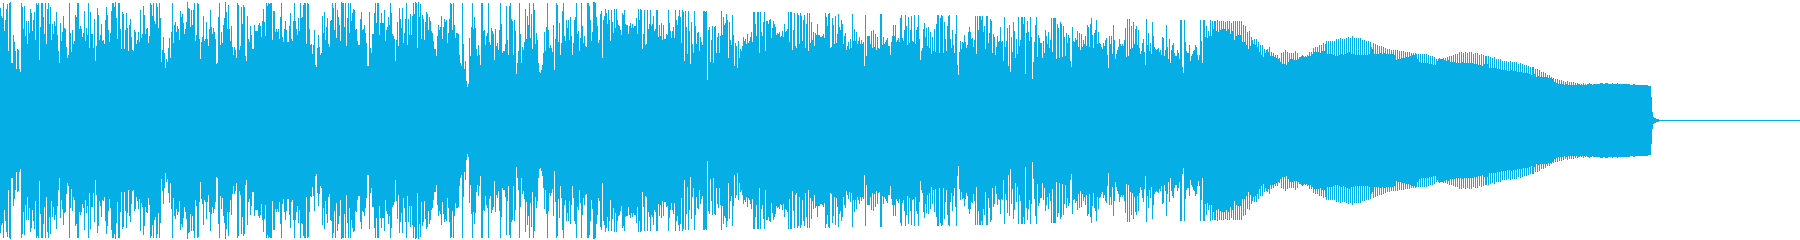 カントリー風ギターイントロ−06Bの再生済みの波形